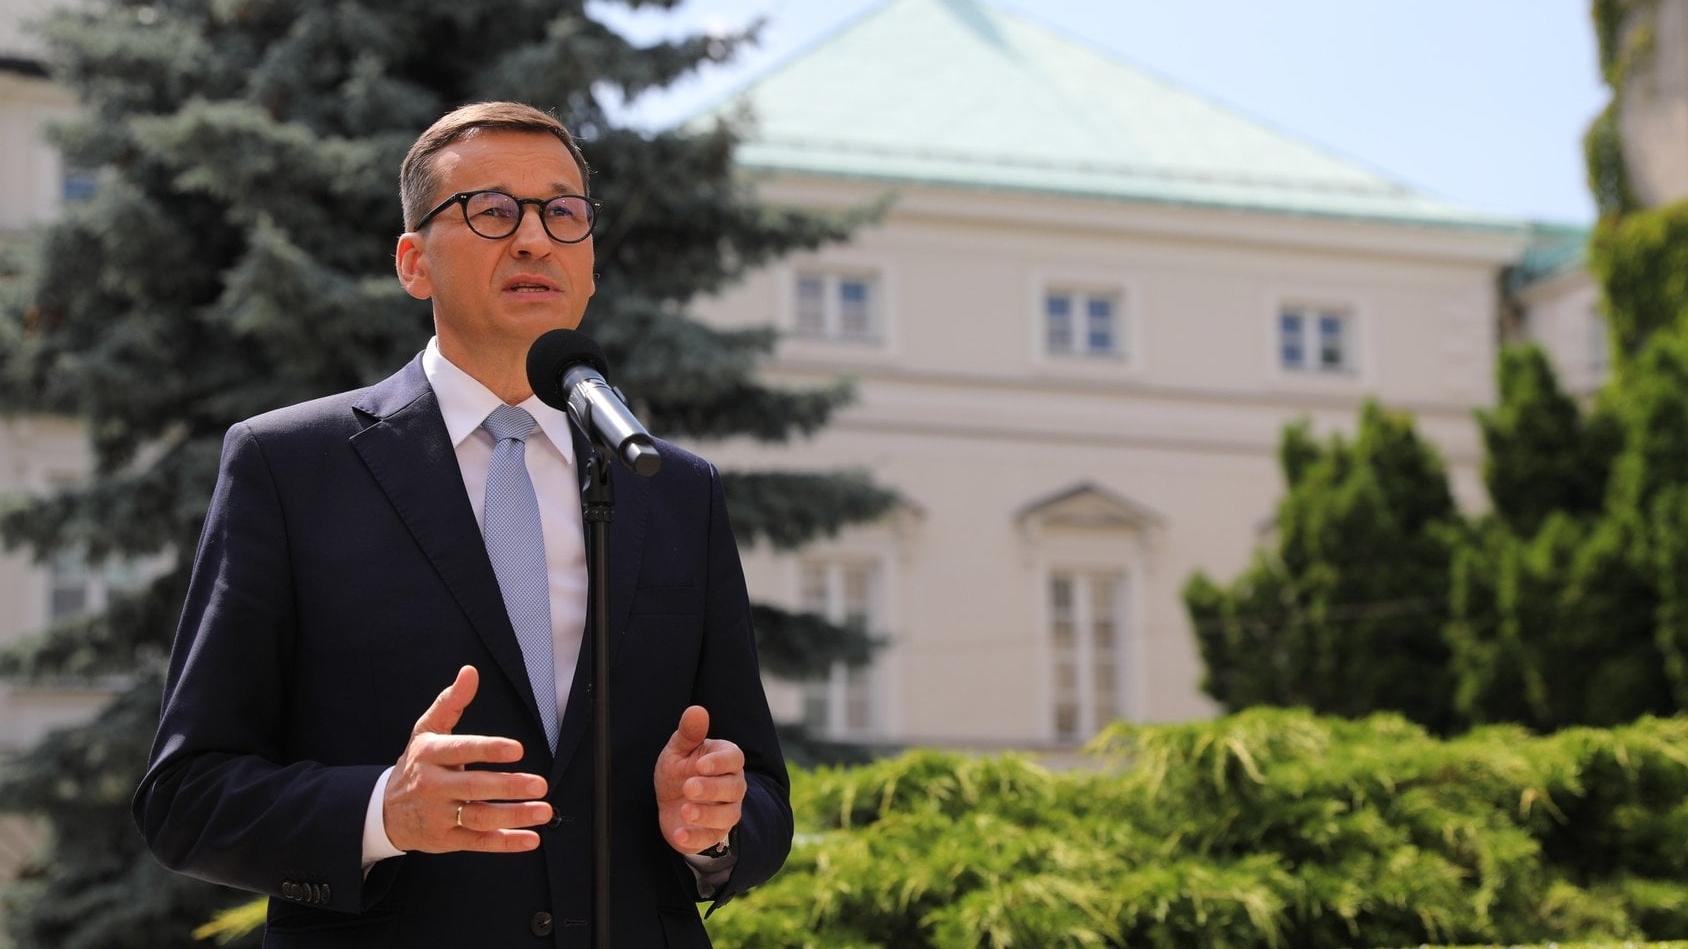 """Premier: """"Obiecuję, że będziemy przeznaczać kolejne miliardy złotych na służbę zdrowia"""""""